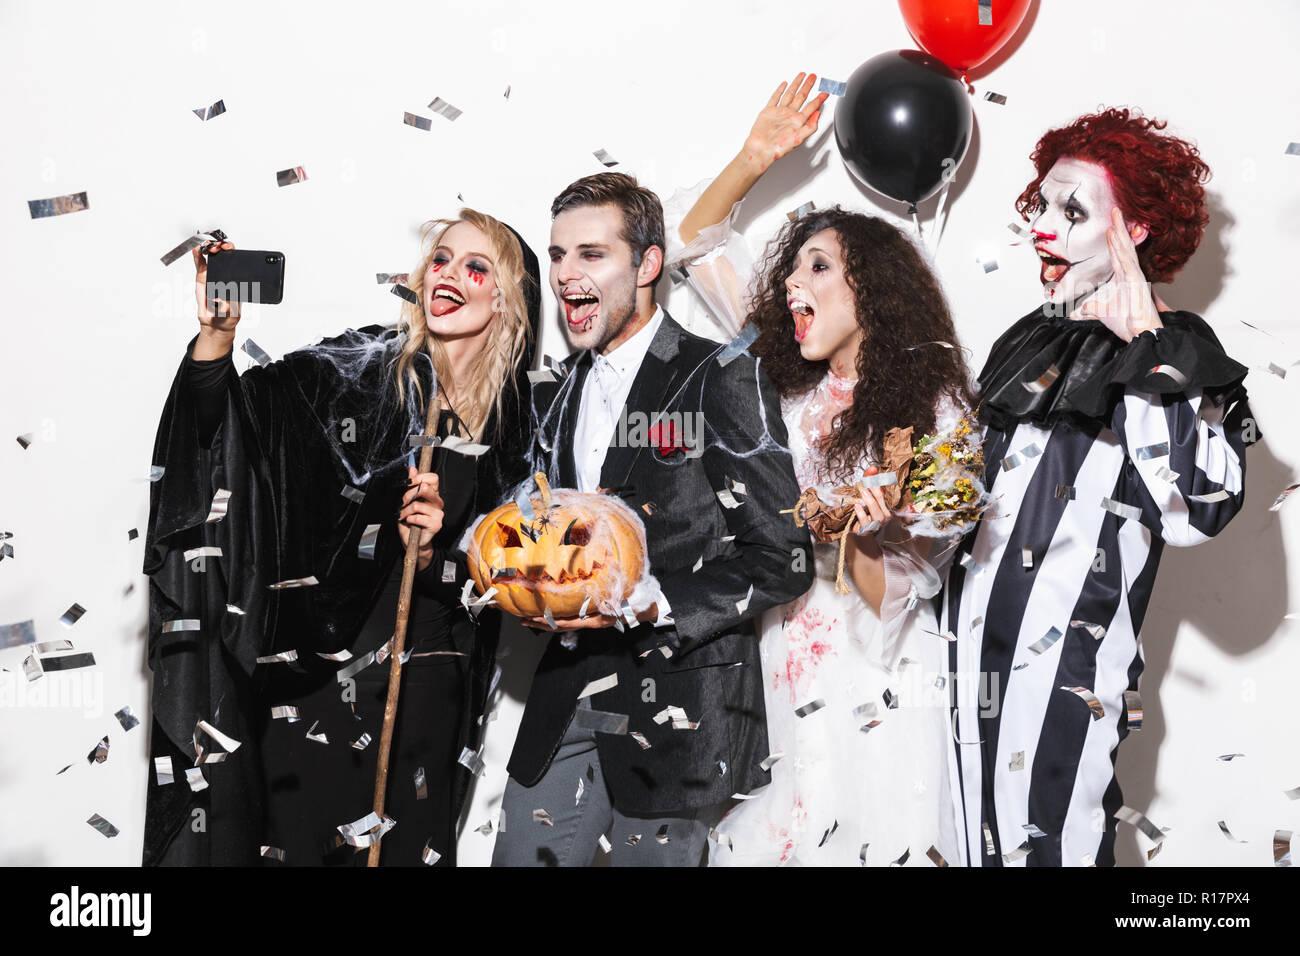 Costumi Halloween Di Gruppo.Gruppo Di Amici Vestito In Costumi Spaventosi Celebrare Halloween